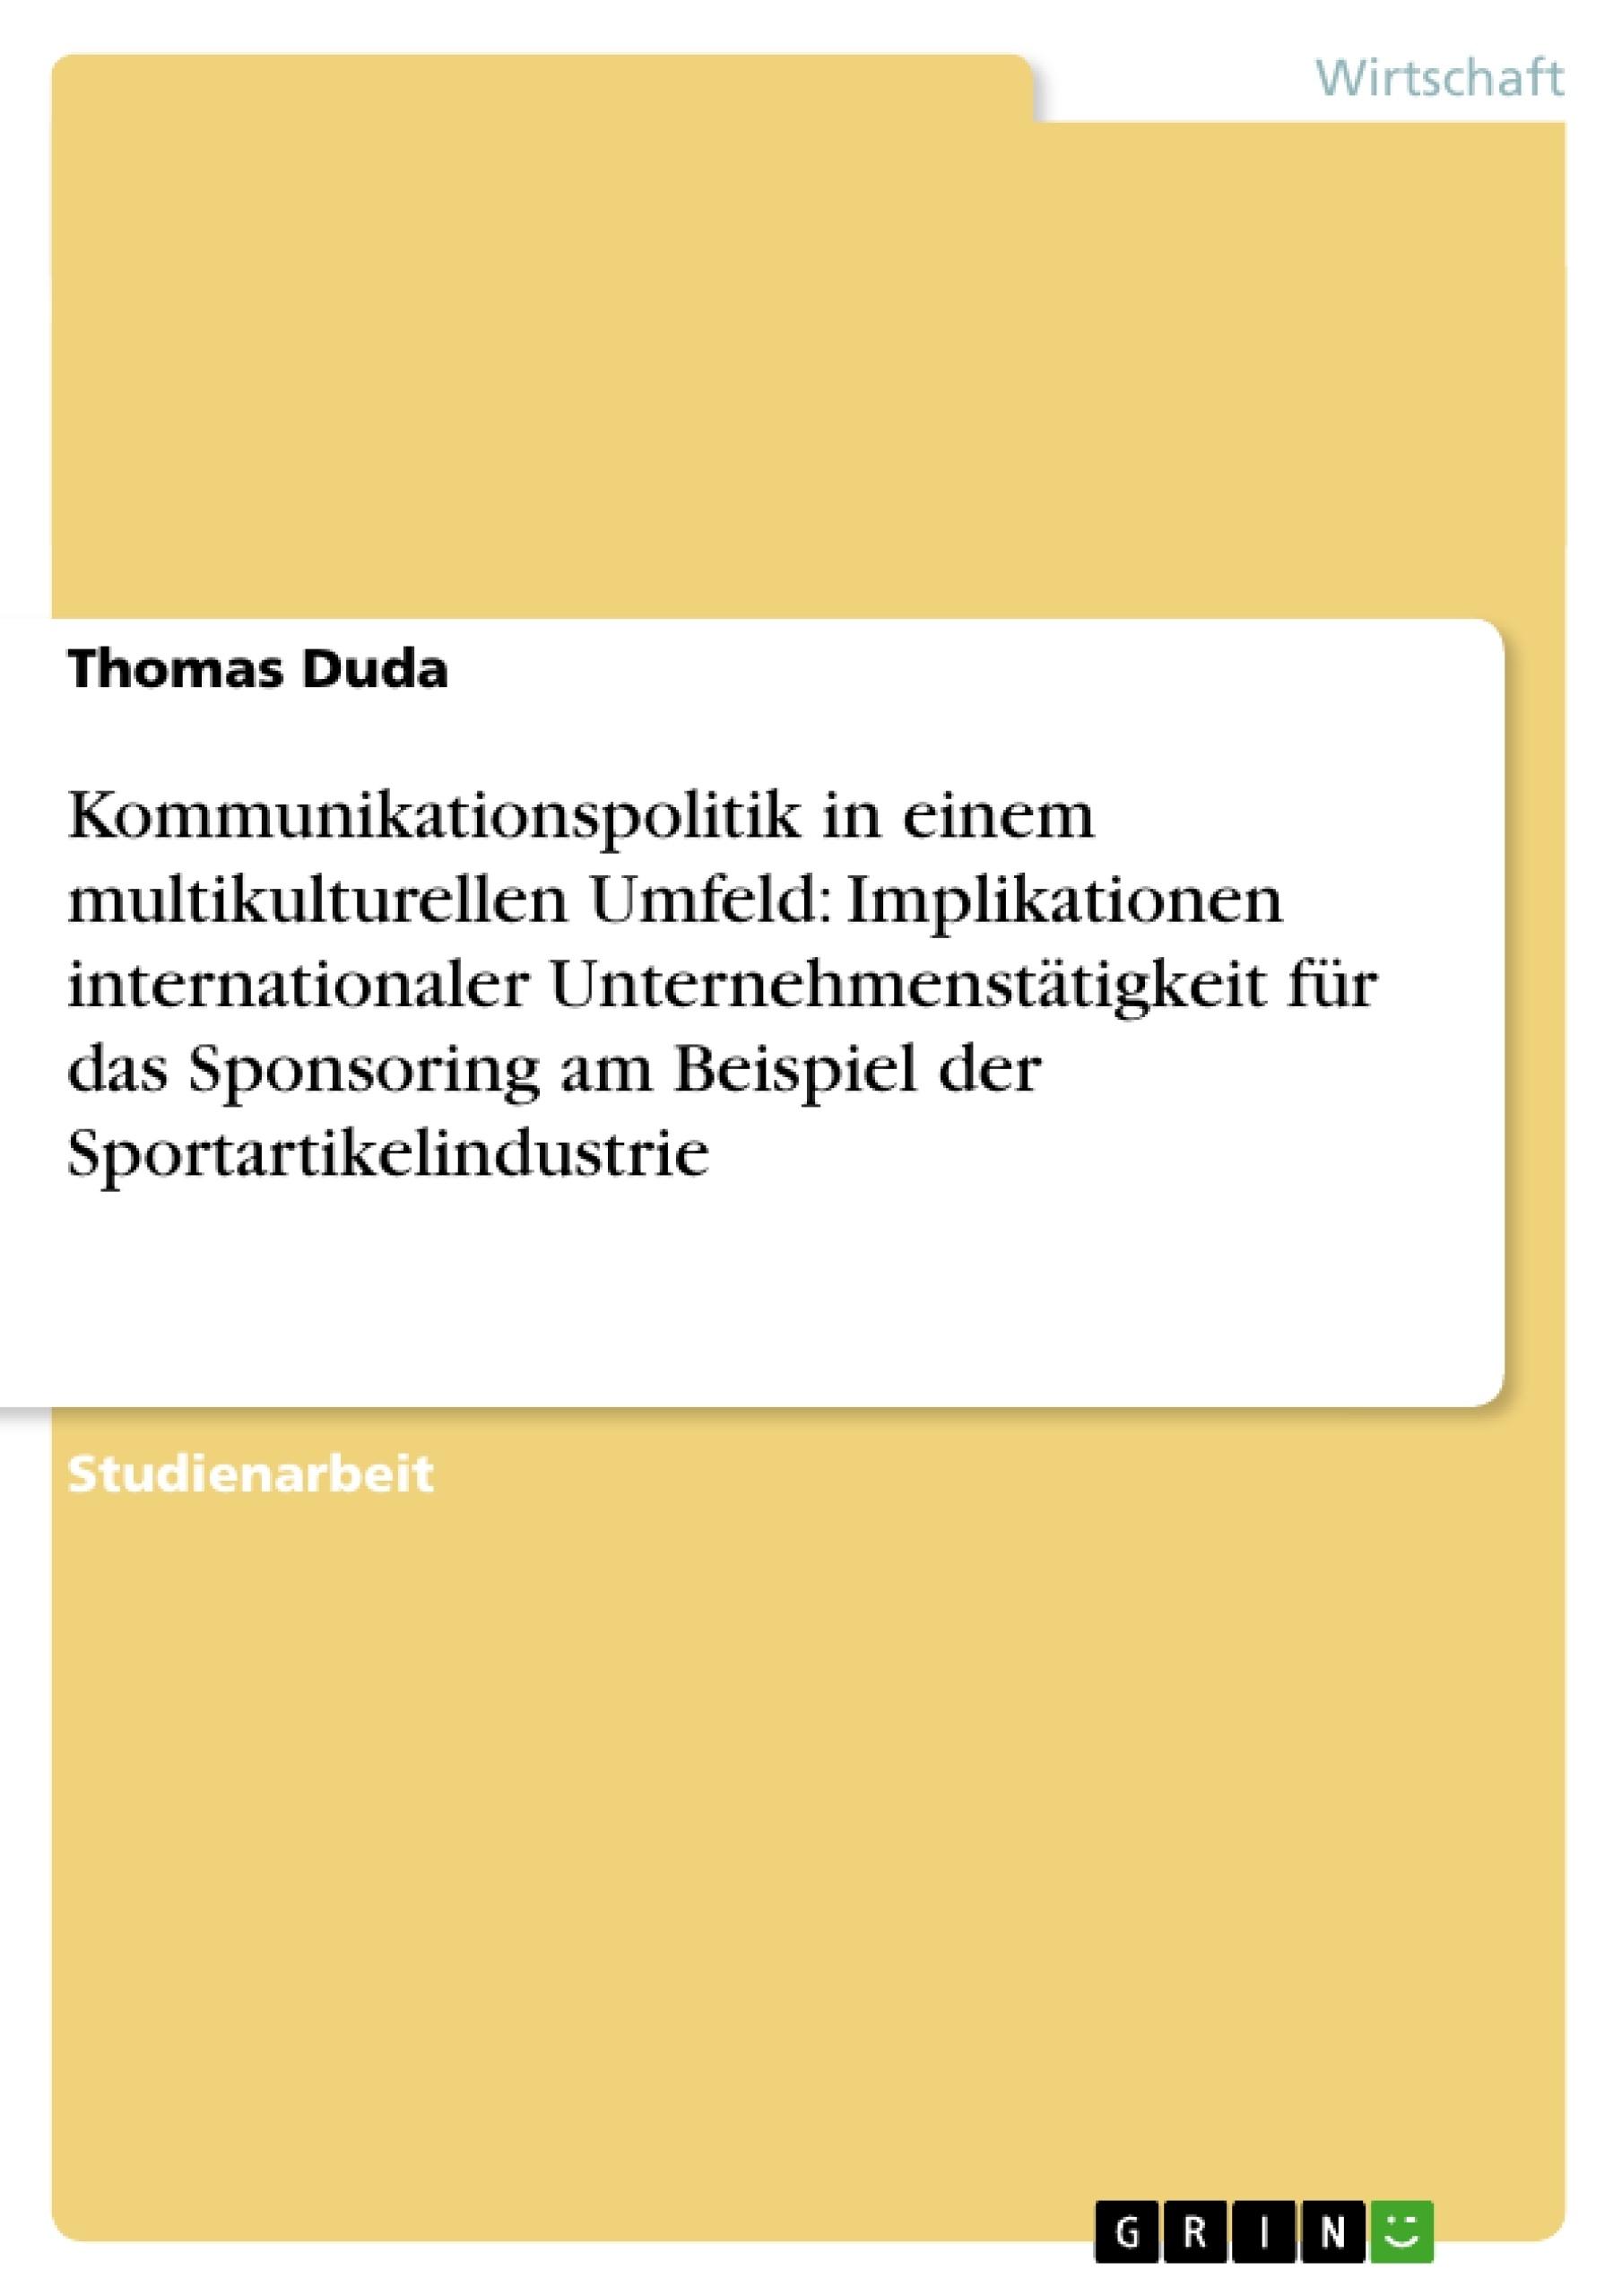 Titel: Kommunikationspolitik in einem multikulturellen Umfeld: Implikationen internationaler Unternehmenstätigkeit für das Sponsoring am Beispiel der Sportartikelindustrie